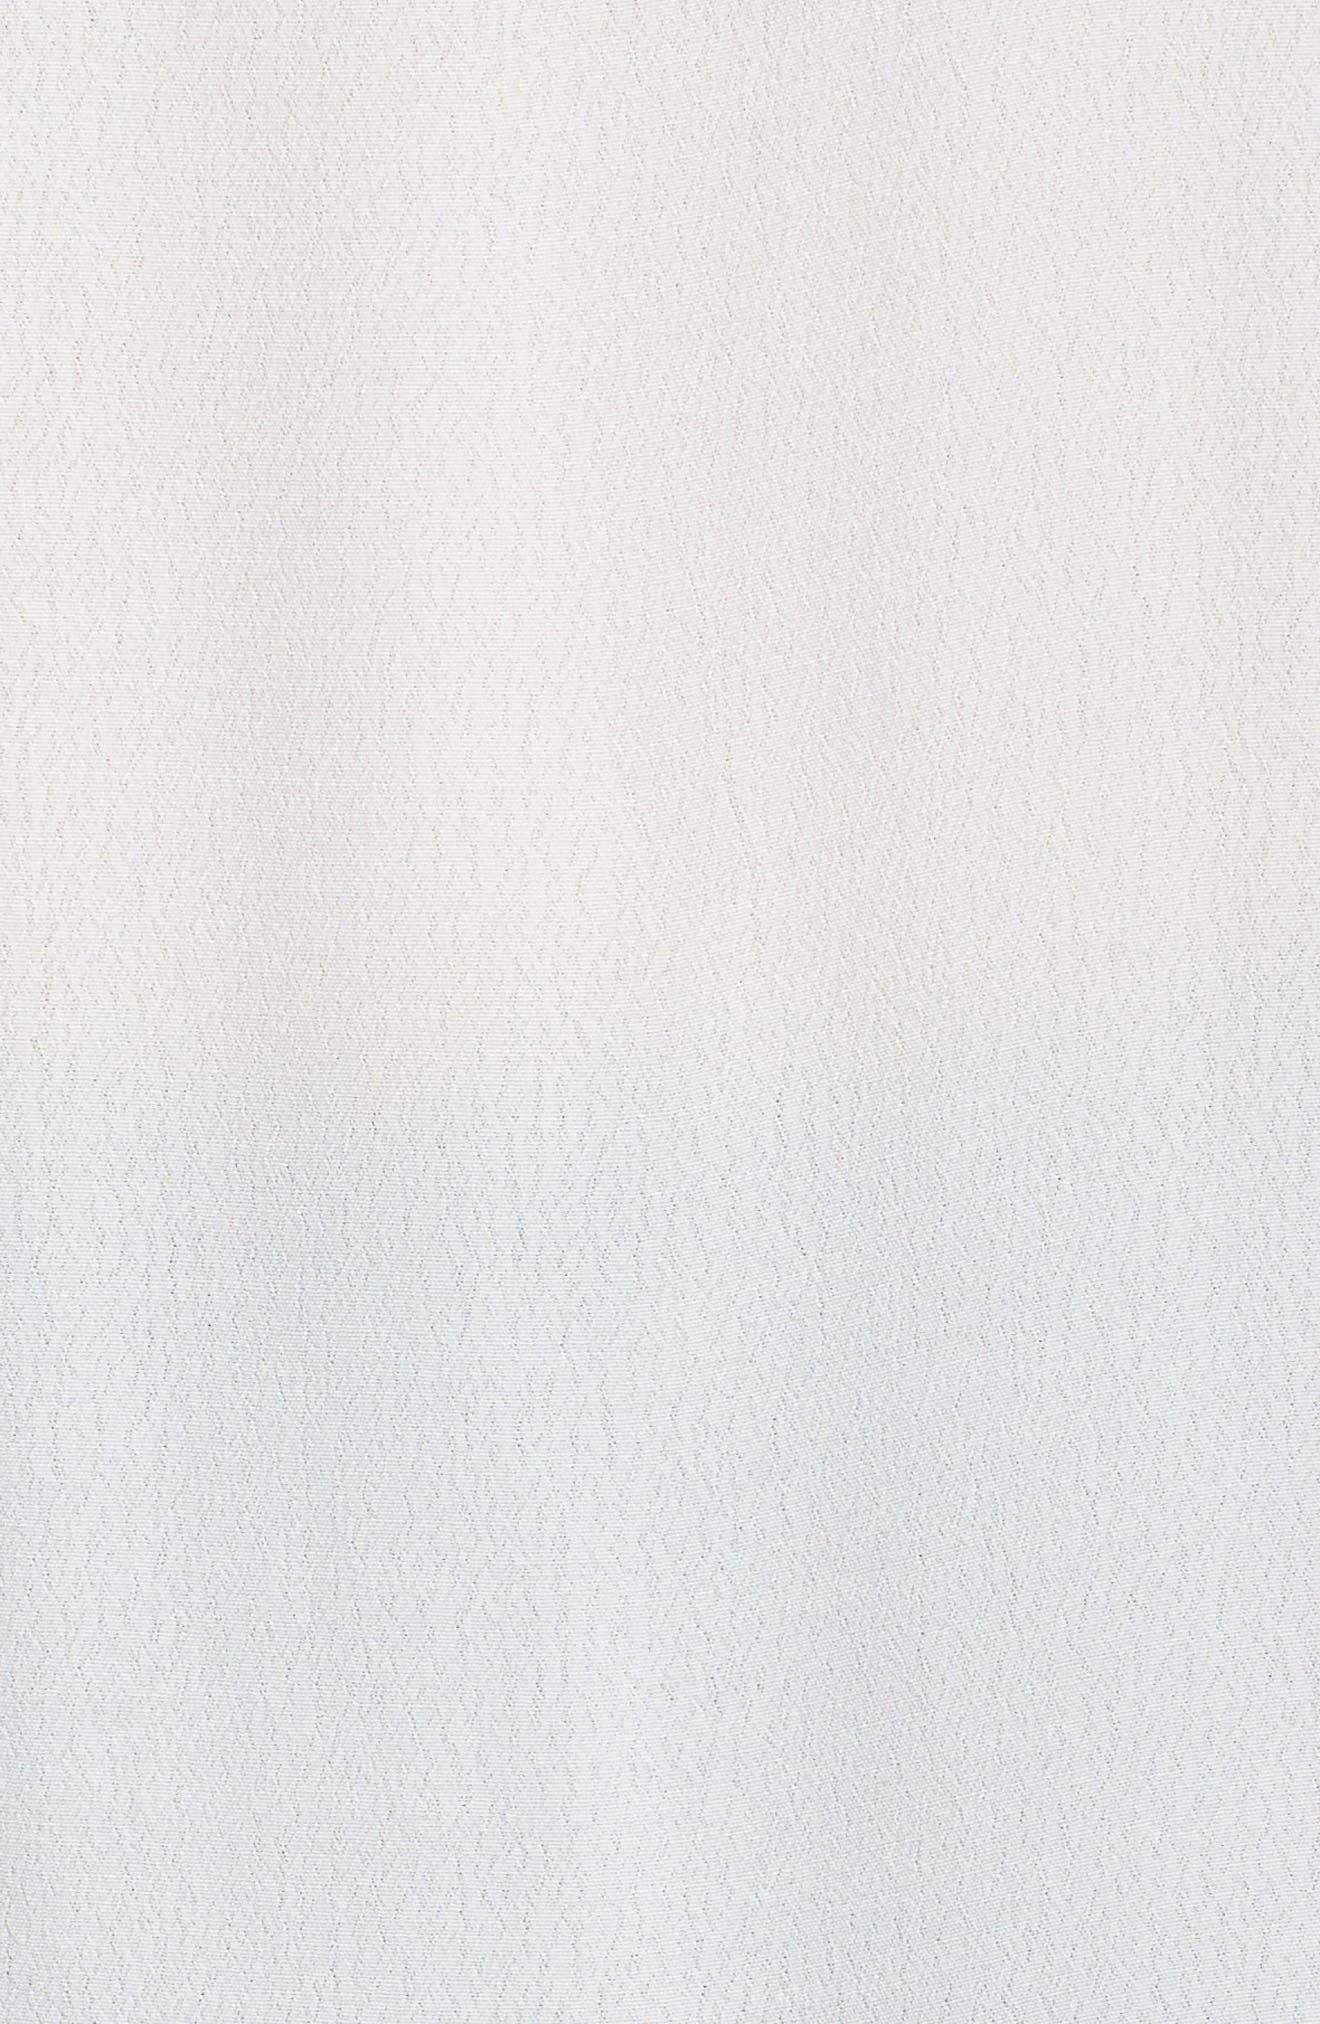 Split Bell Sleeve Top,                             Alternate thumbnail 5, color,                             902